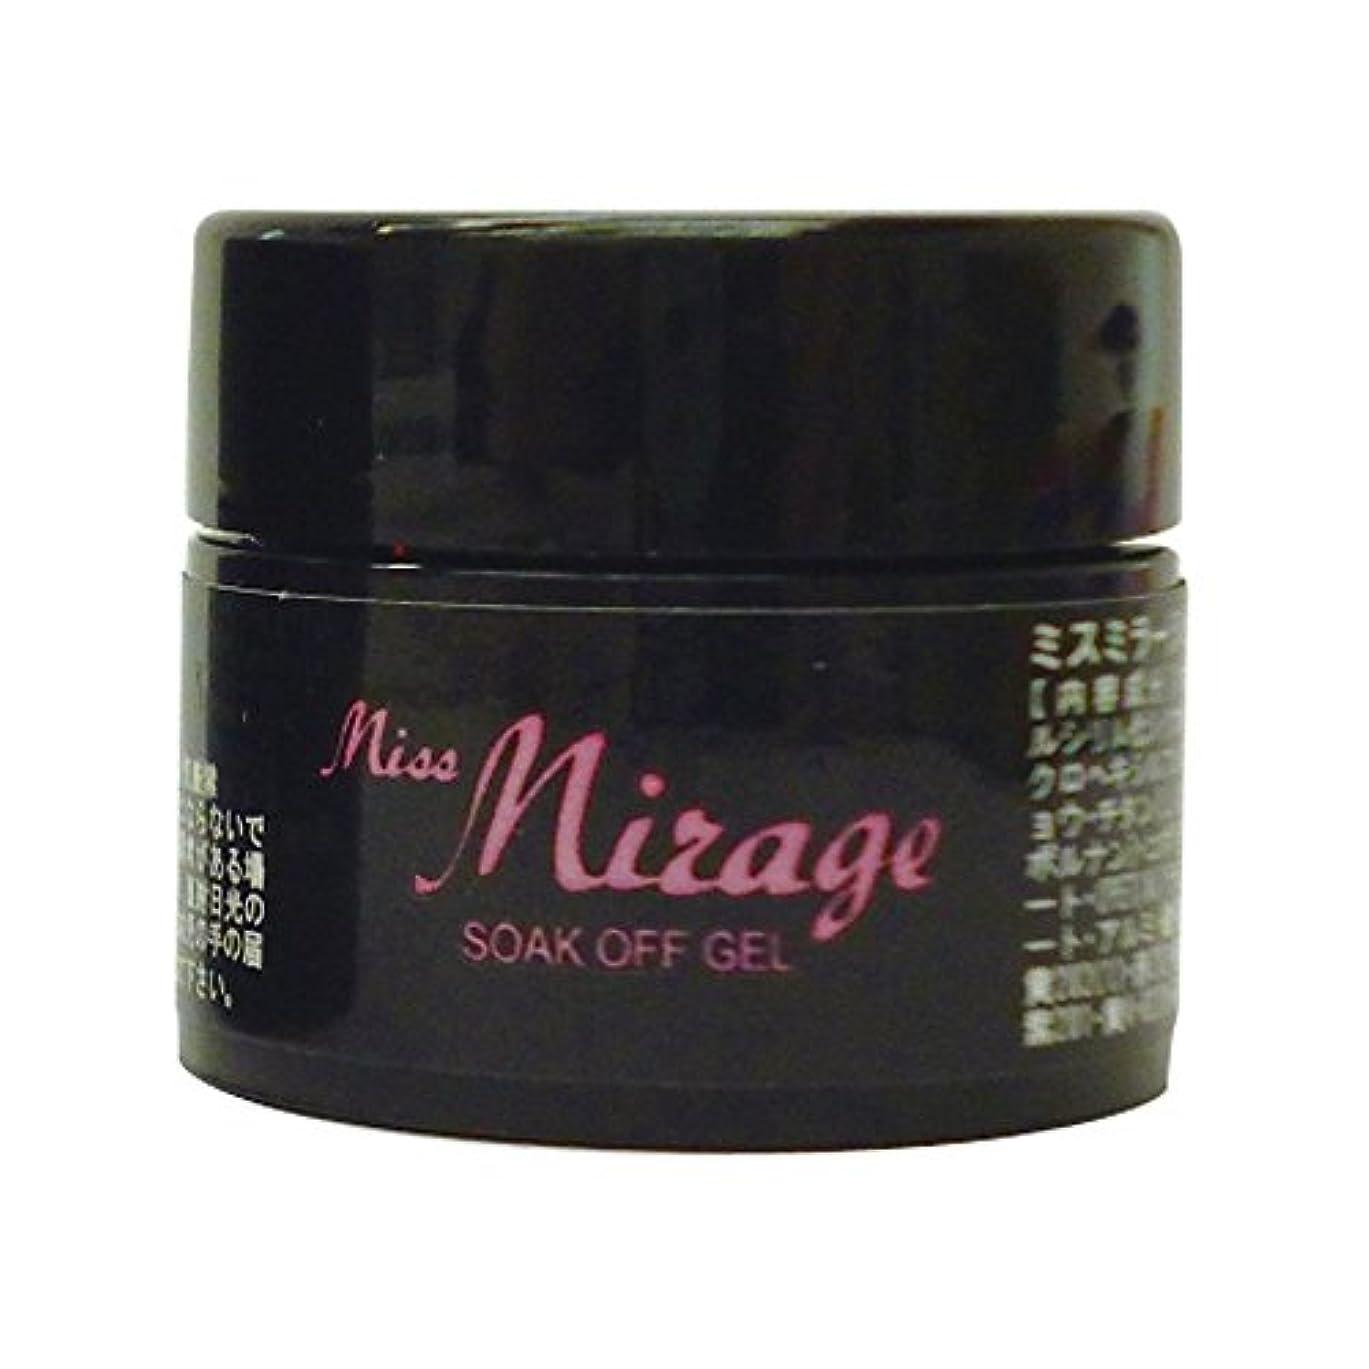 なめらか普遍的な契約Miss Mirage ソークオフジェル TM23S 2.5g トゥルーリーカデットブルー